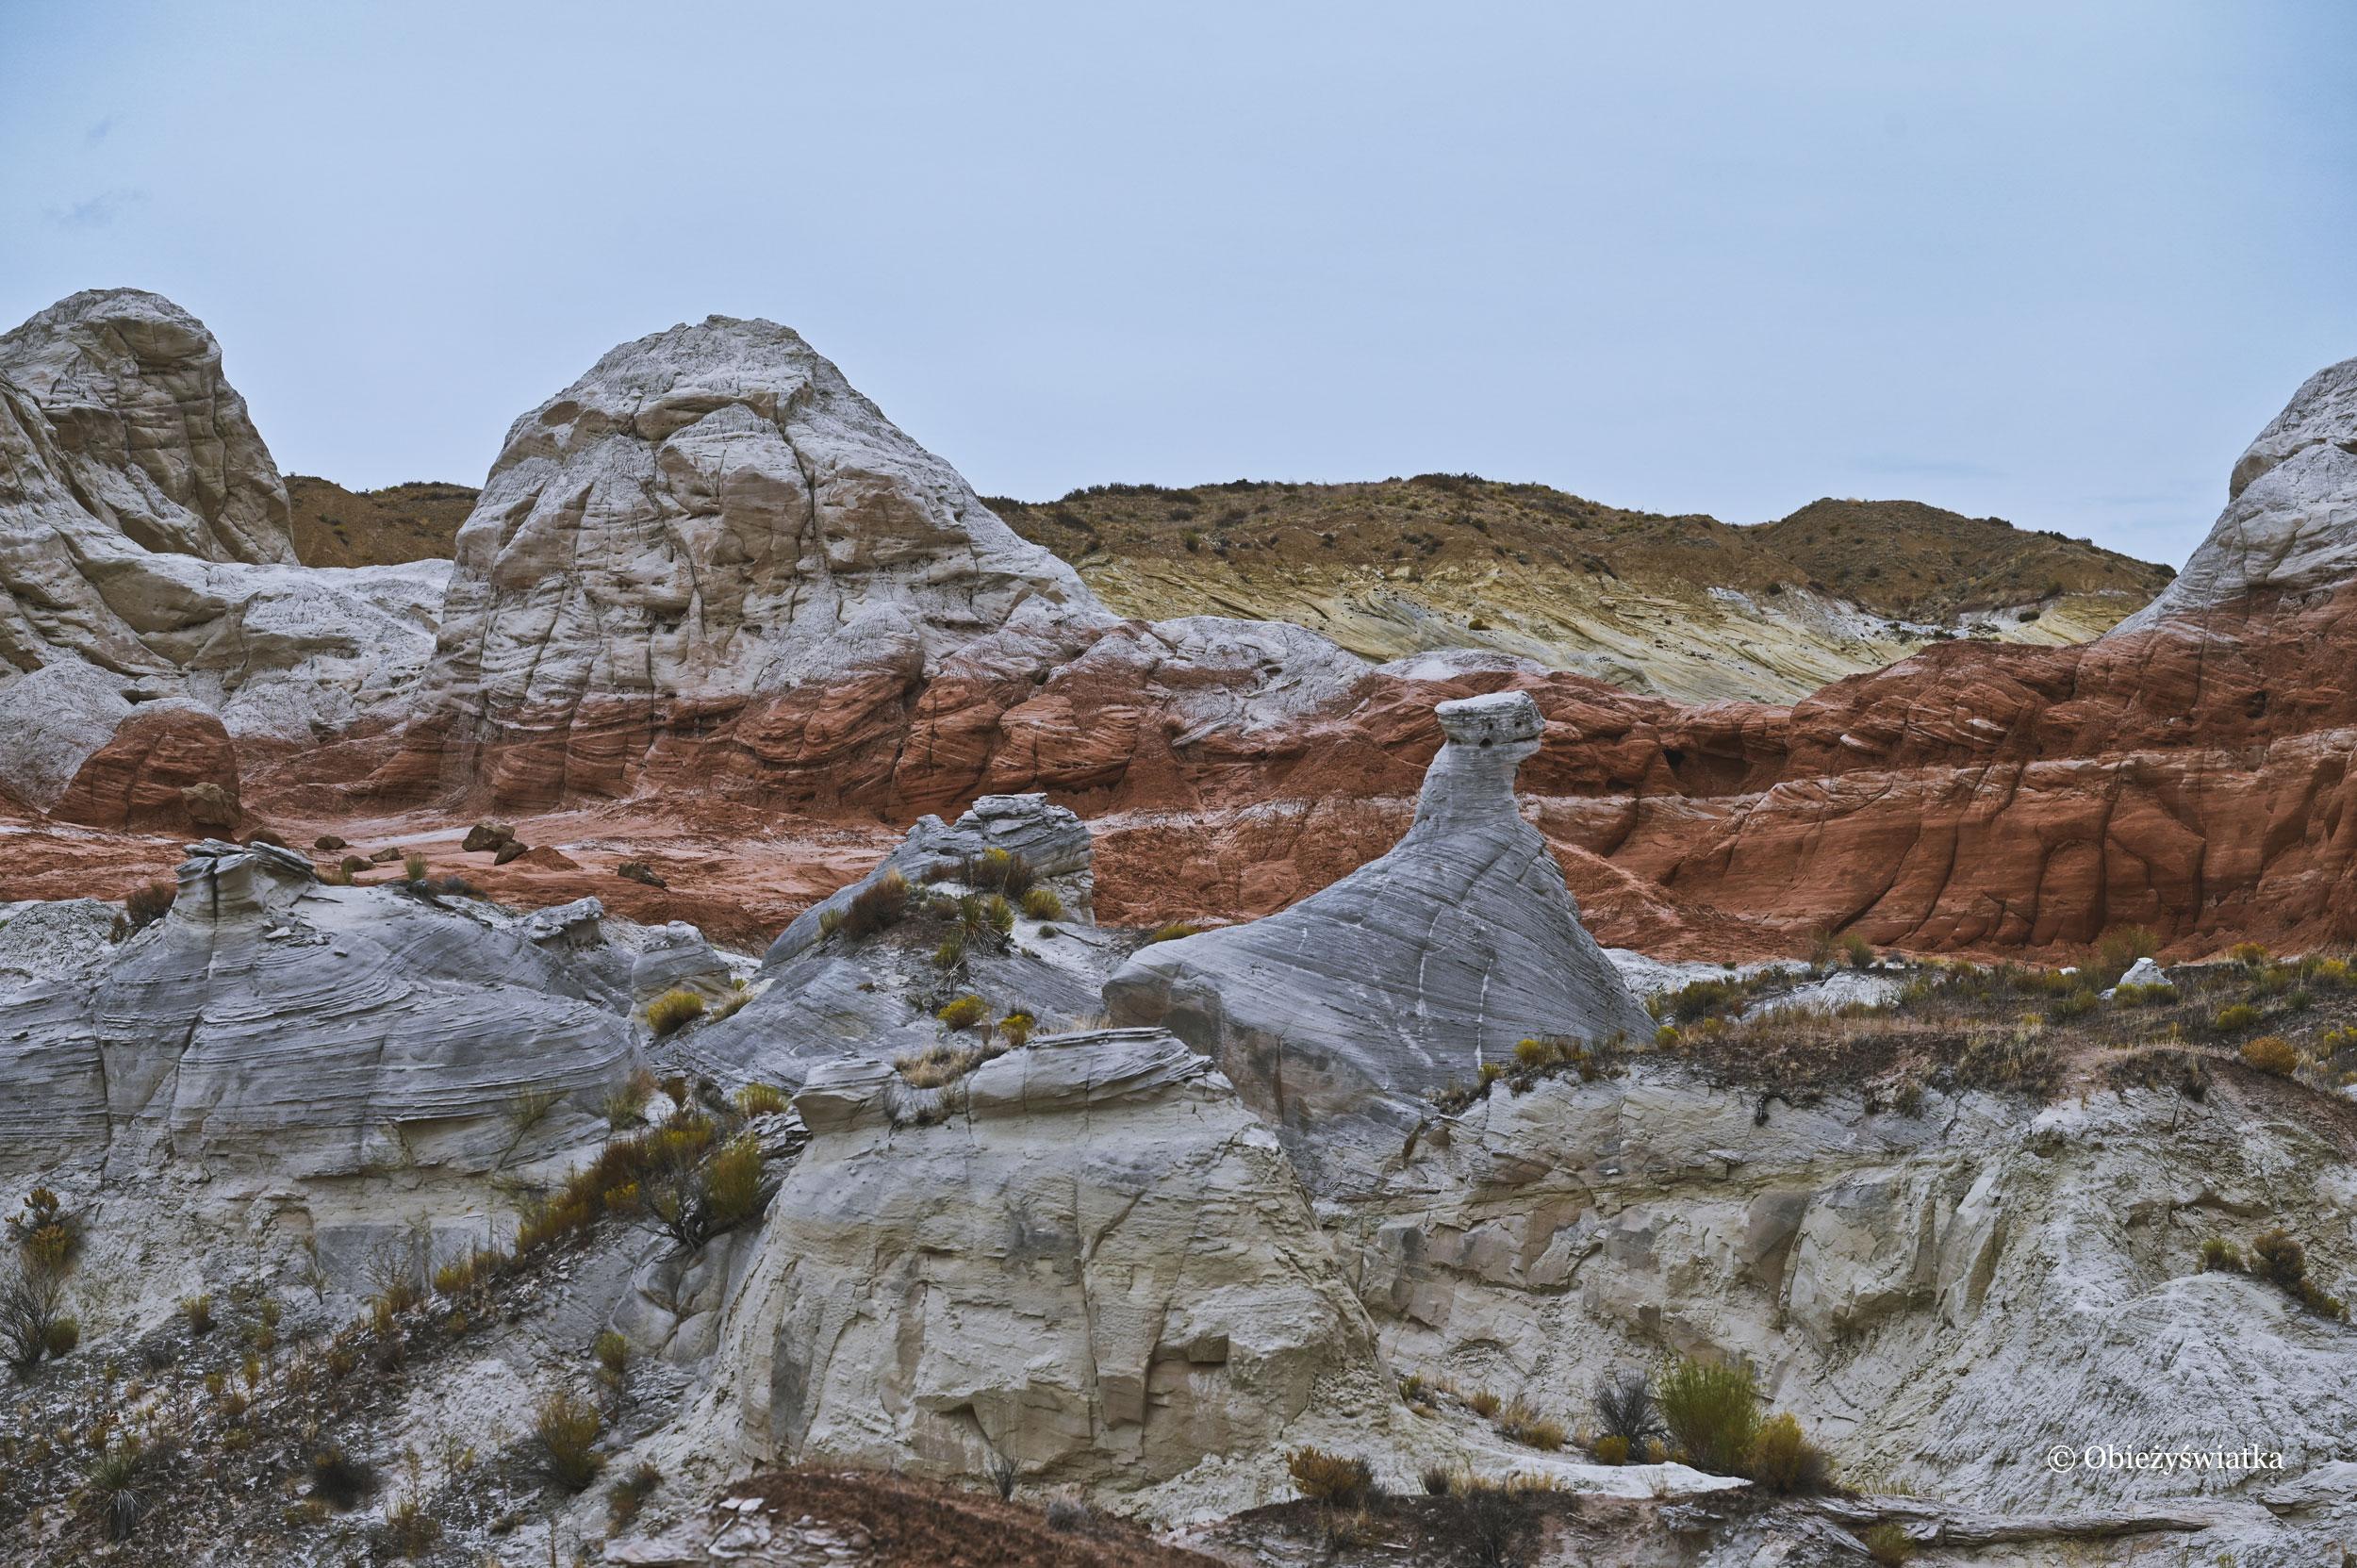 W krainie hoodoos, Toadstools Trail, Utah